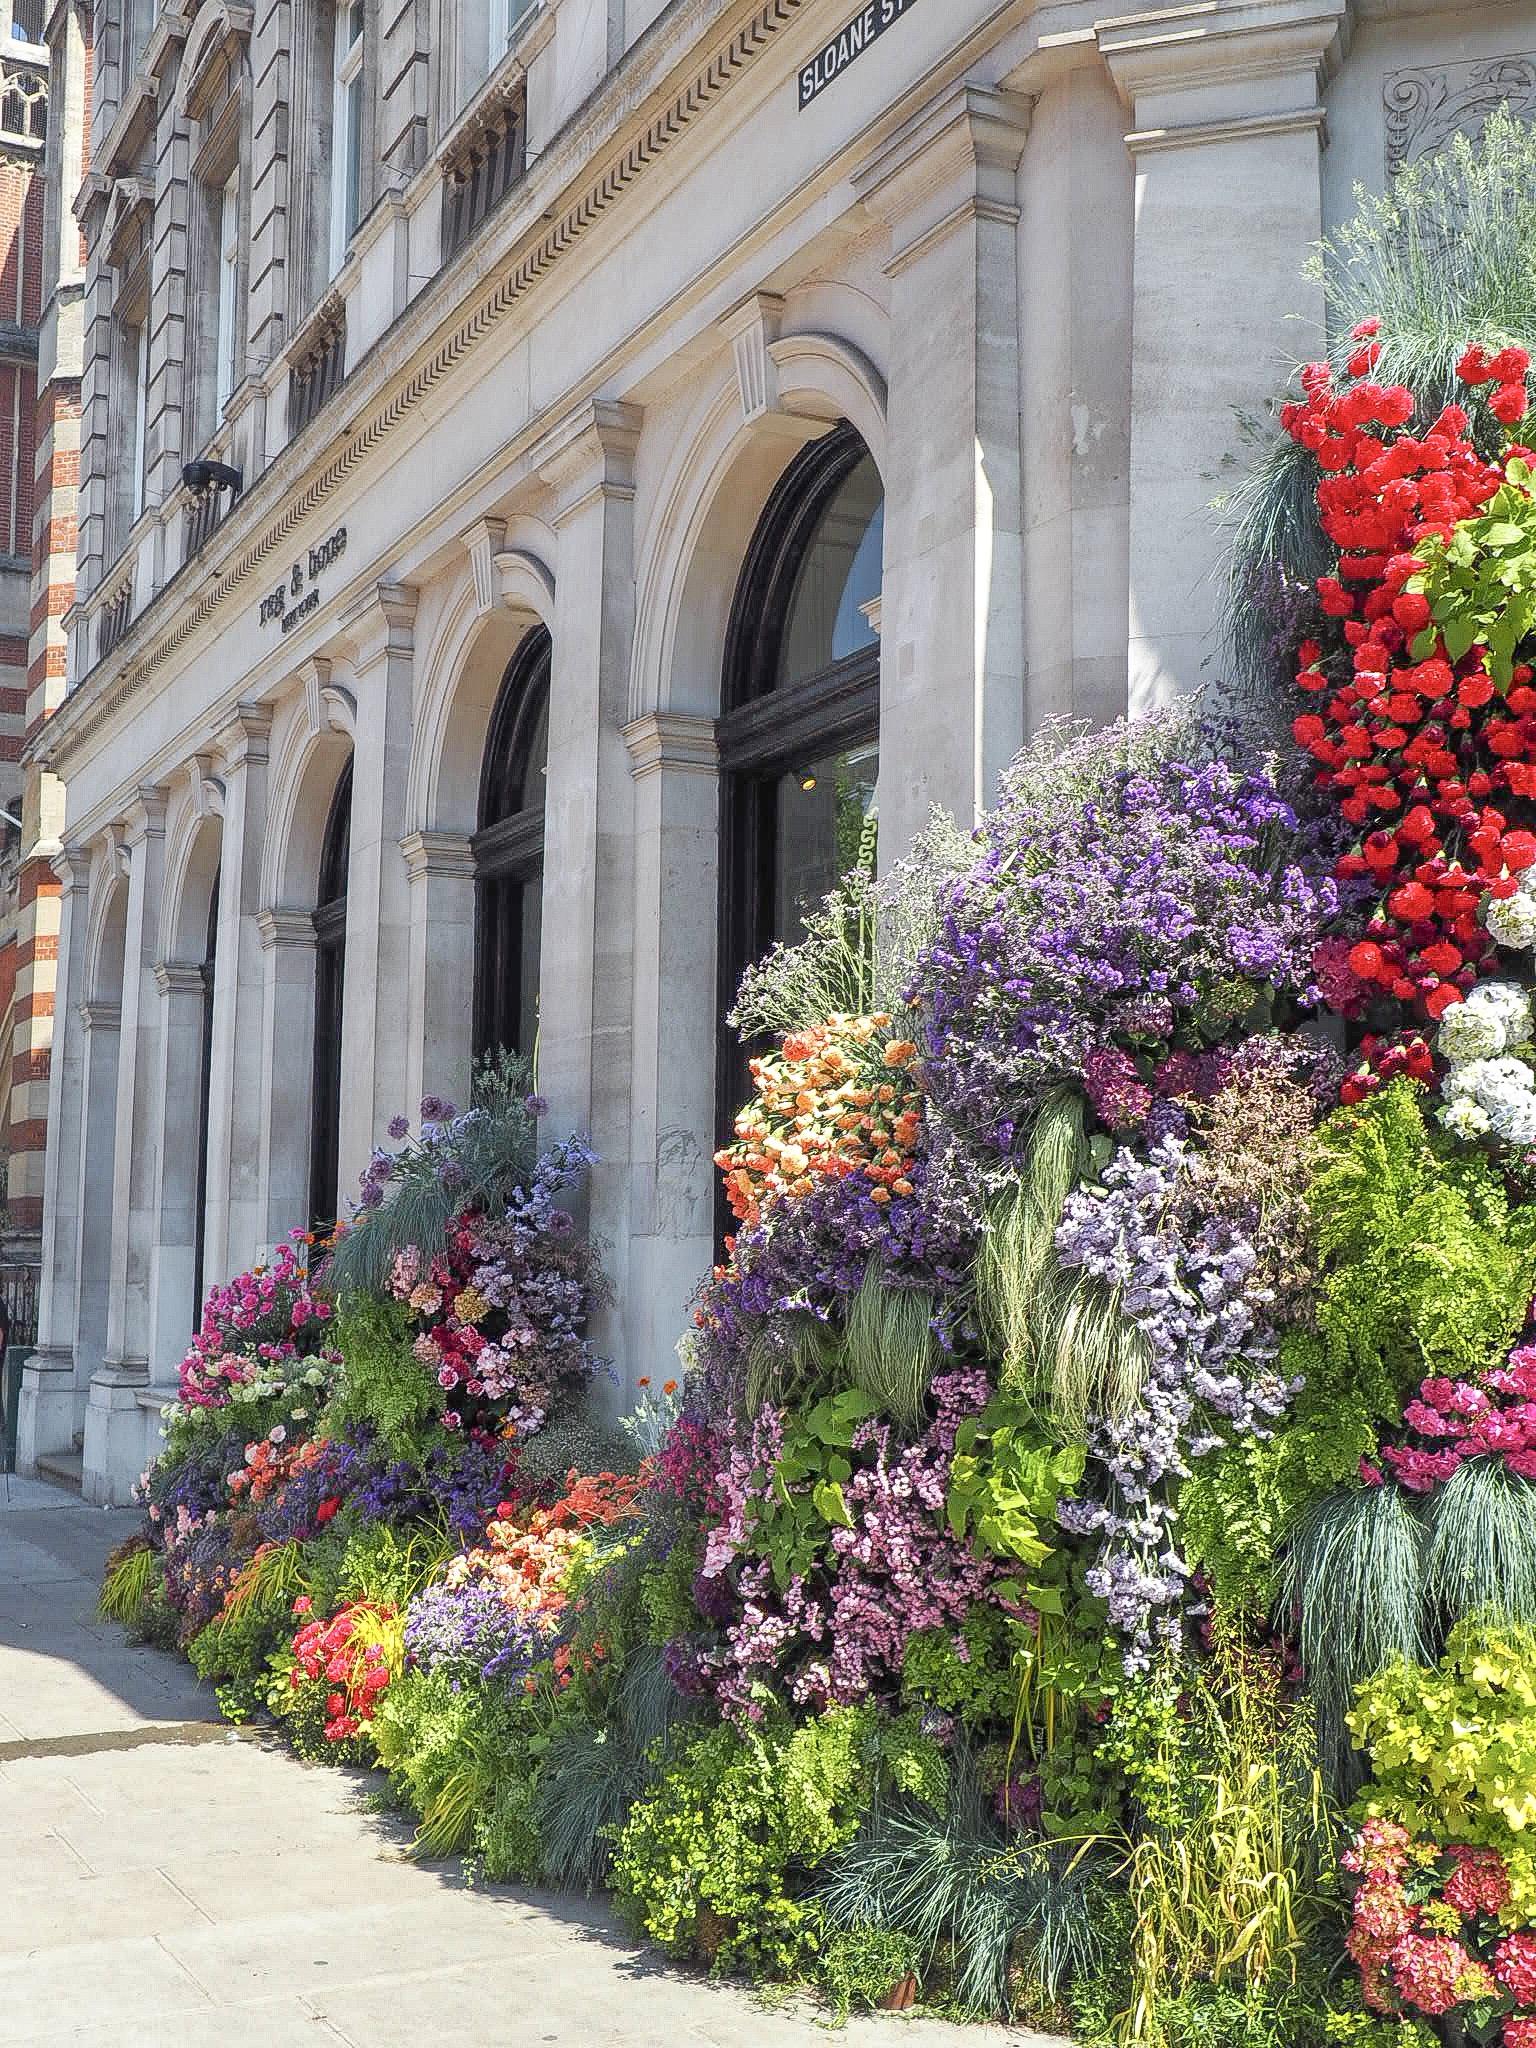 Frida's Belgravia in Bloom